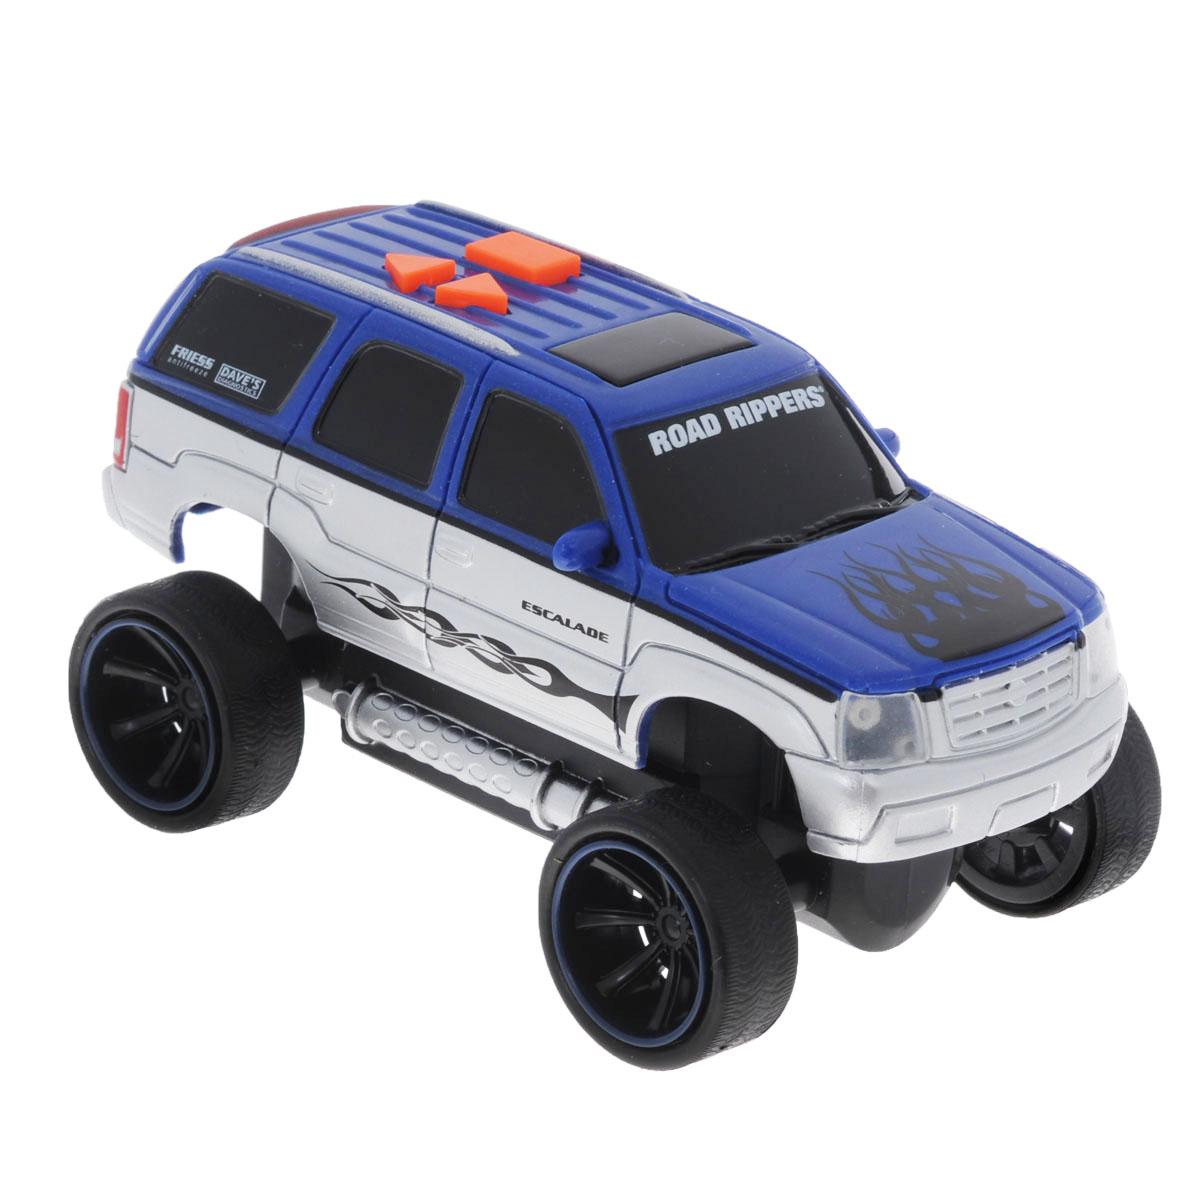 Toystate Машинка Road Rippers цвет синий33041TSЯркая машинка Road Rippers со звуковыми эффектами, несомненно, понравится вашему ребенку и не позволит ему скучать. Игрушка выполнена в виде яркой гоночной машины. При нажатии на кнопки, расположенные на крыше, светятся фары, воспроизводятся звуки двигателя и включенной передачи заднего хода, а также раздается голос диктора, сообщающего о старте гонки. Ваш ребенок часами будет играть с машинкой, придумывая различные истории и устраивая соревнования. Порадуйте его таким замечательным подарком! Рекомендуется докупить 3 батарейки напряжением 1,5V типа AАА (товар комплектуется демонстрационными). Уважаемые клиенты! Обращаем ваше внимание на возможные изменения в дизайне, связанные с ассортиментом продукции. Поставка осуществляется в зависимости от наличия на складе.